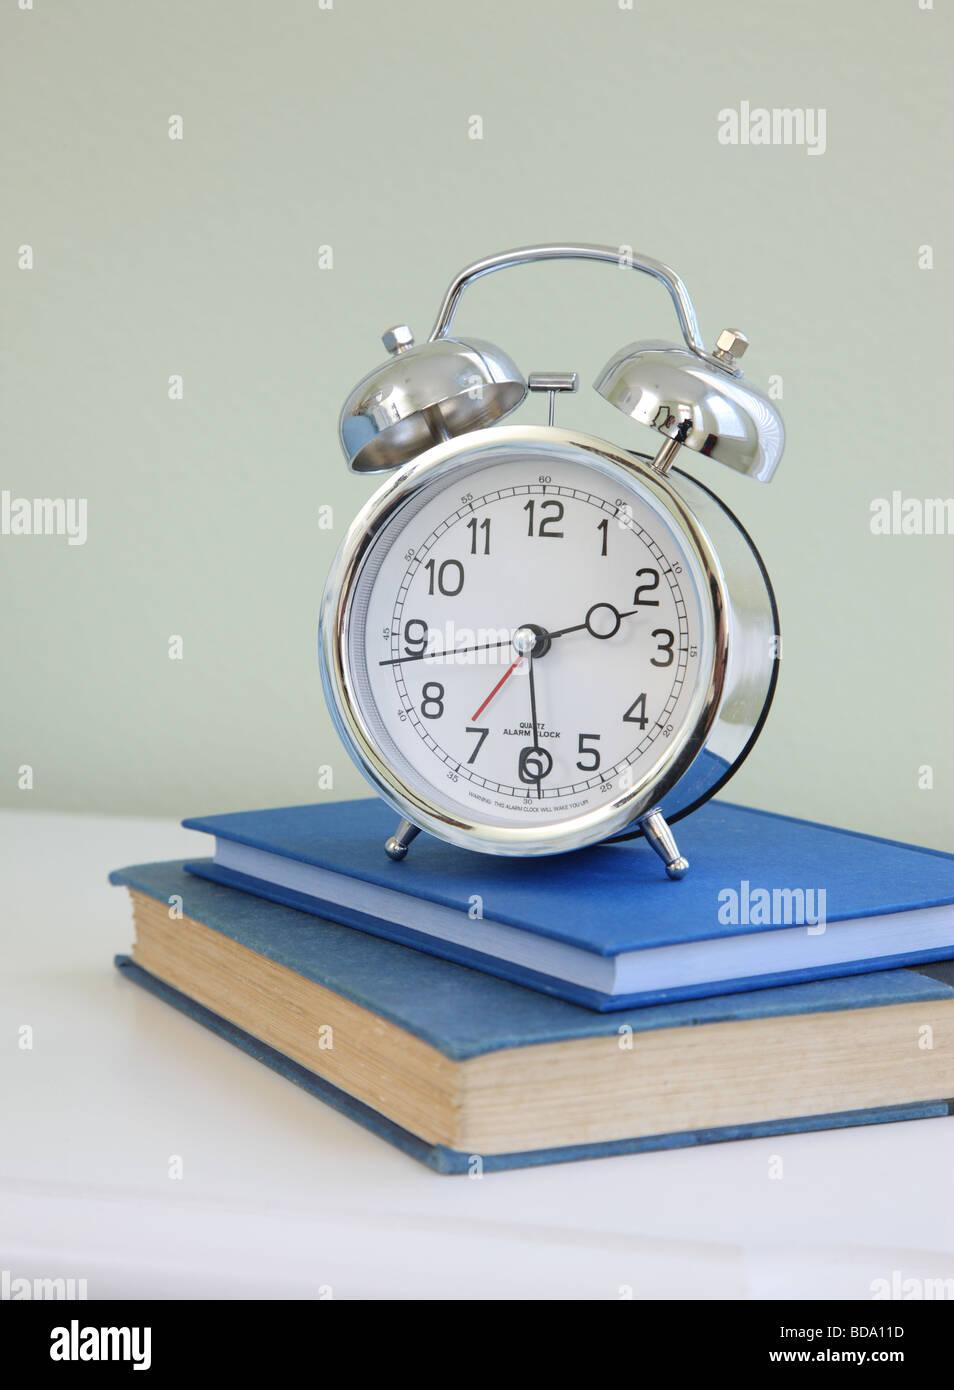 Wecker auf Stapel von Büchern Stockbild